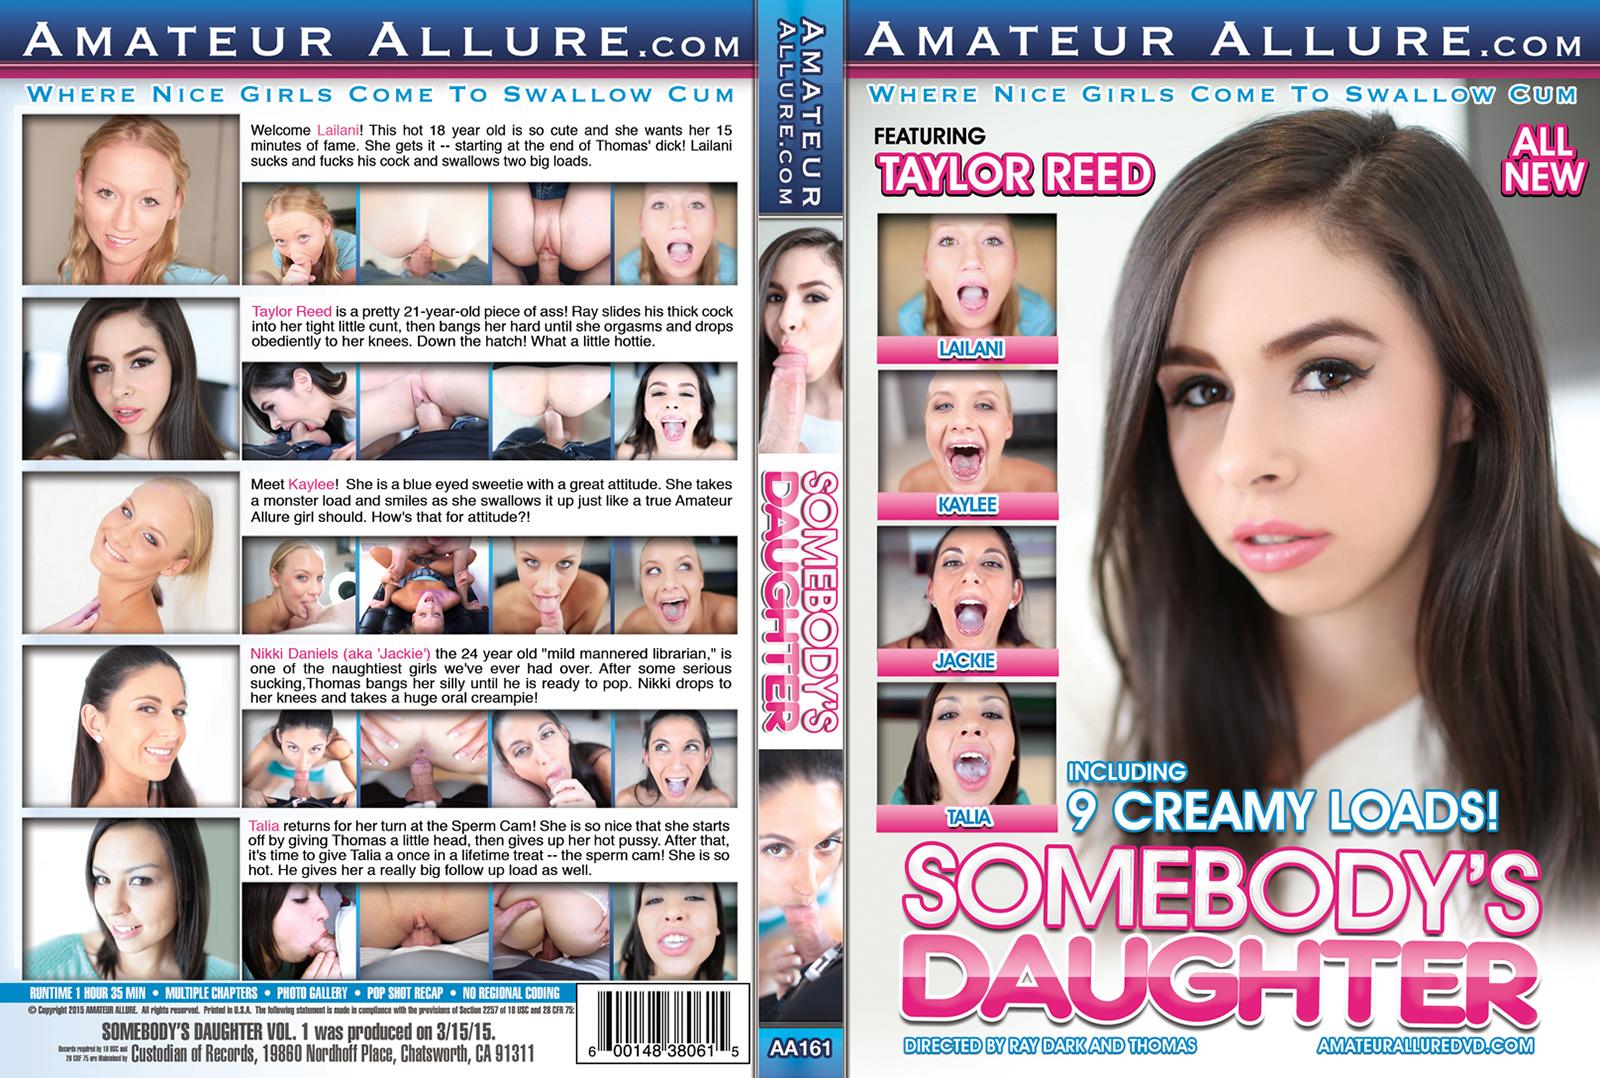 somebodys_daughter-dvd-large.jpg